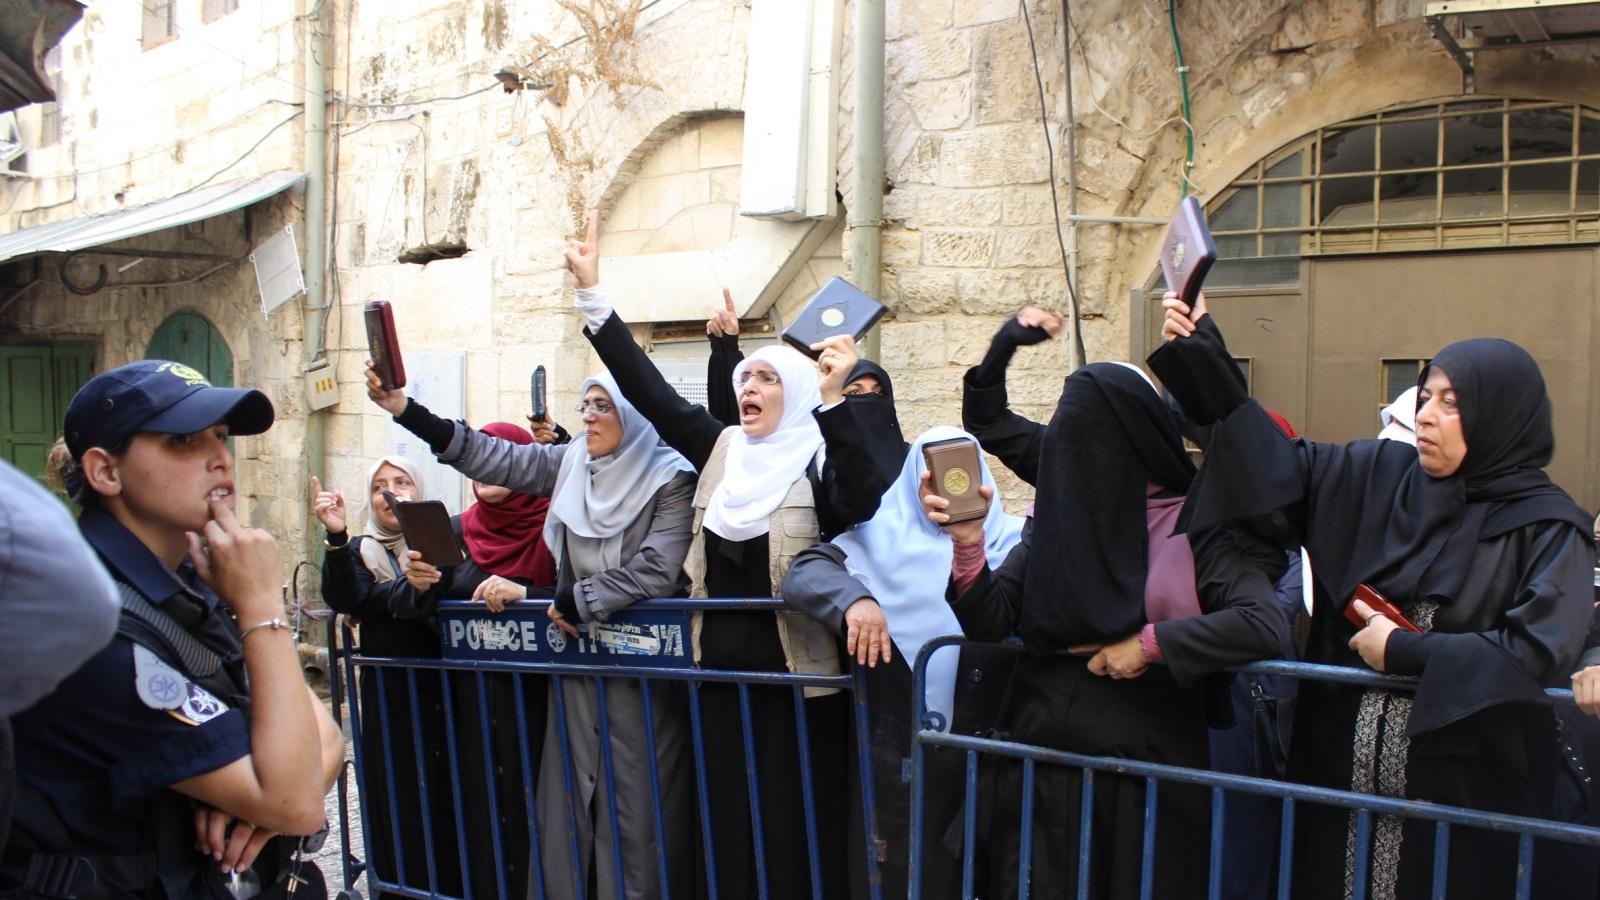 في القدس نساء يعلِّمنَ الأمة رجولةَ الميادين     الجزيرة نت